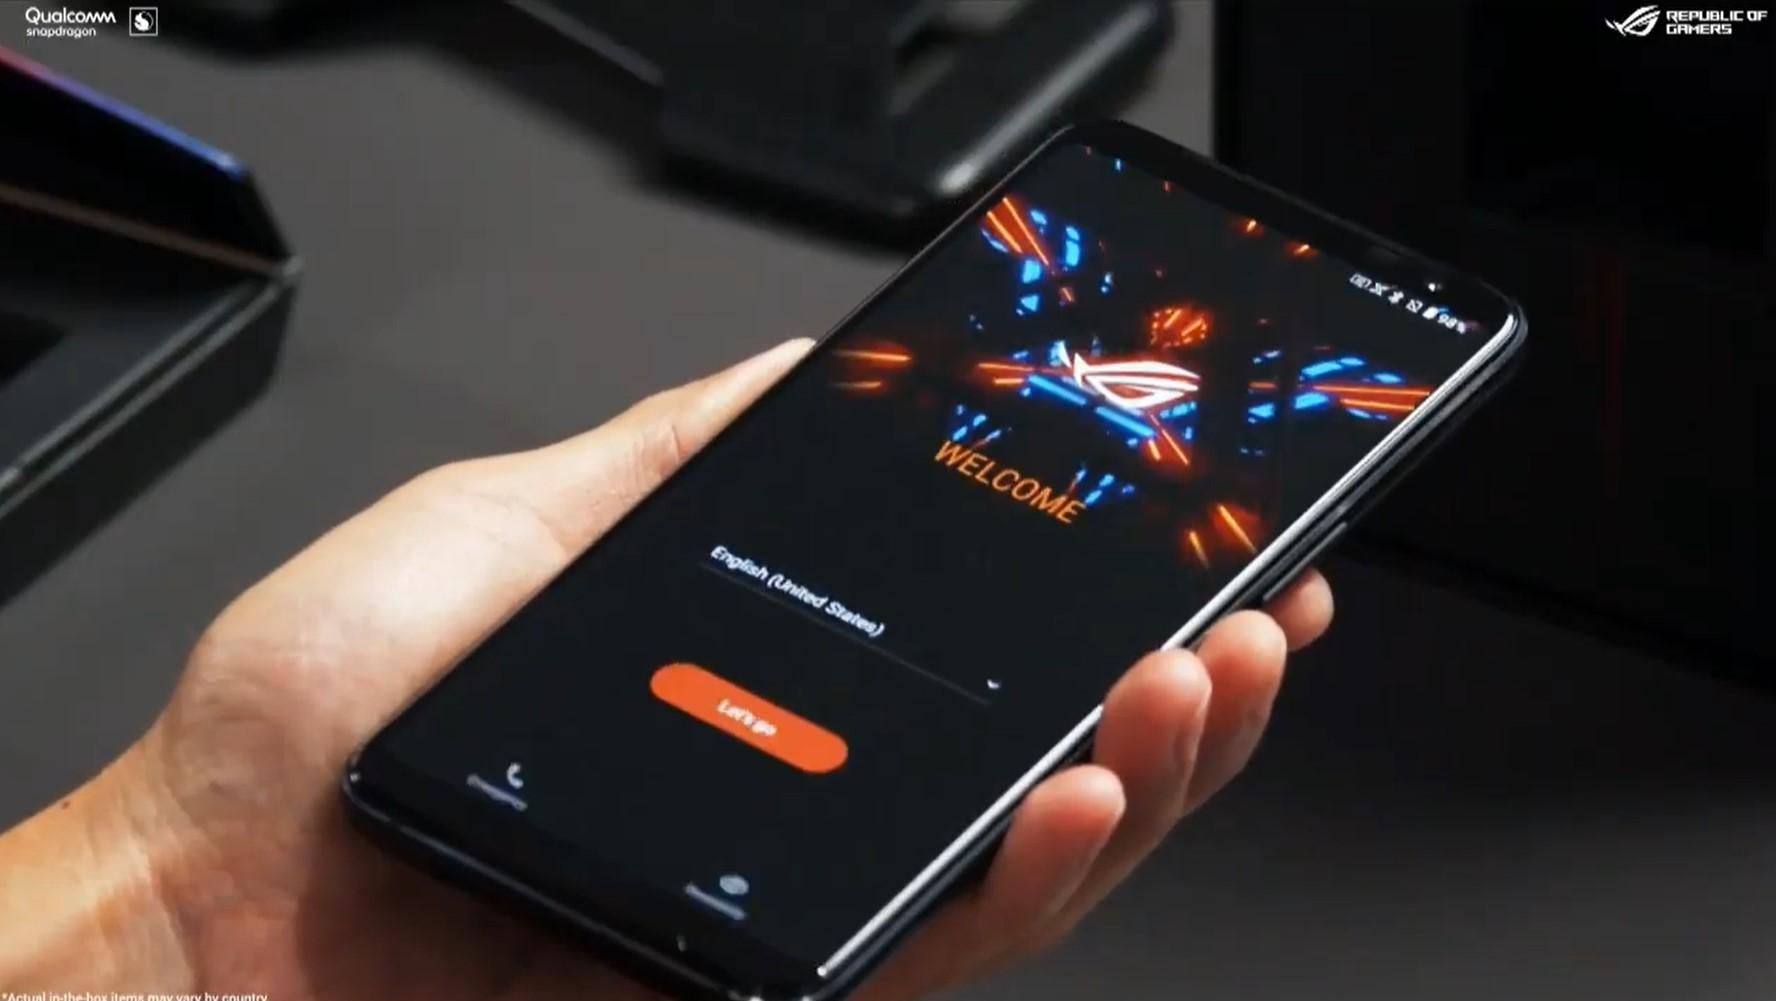 [FINALIZADO] Asus presentó la tercera generación de su celular gamer ROG Phone 3